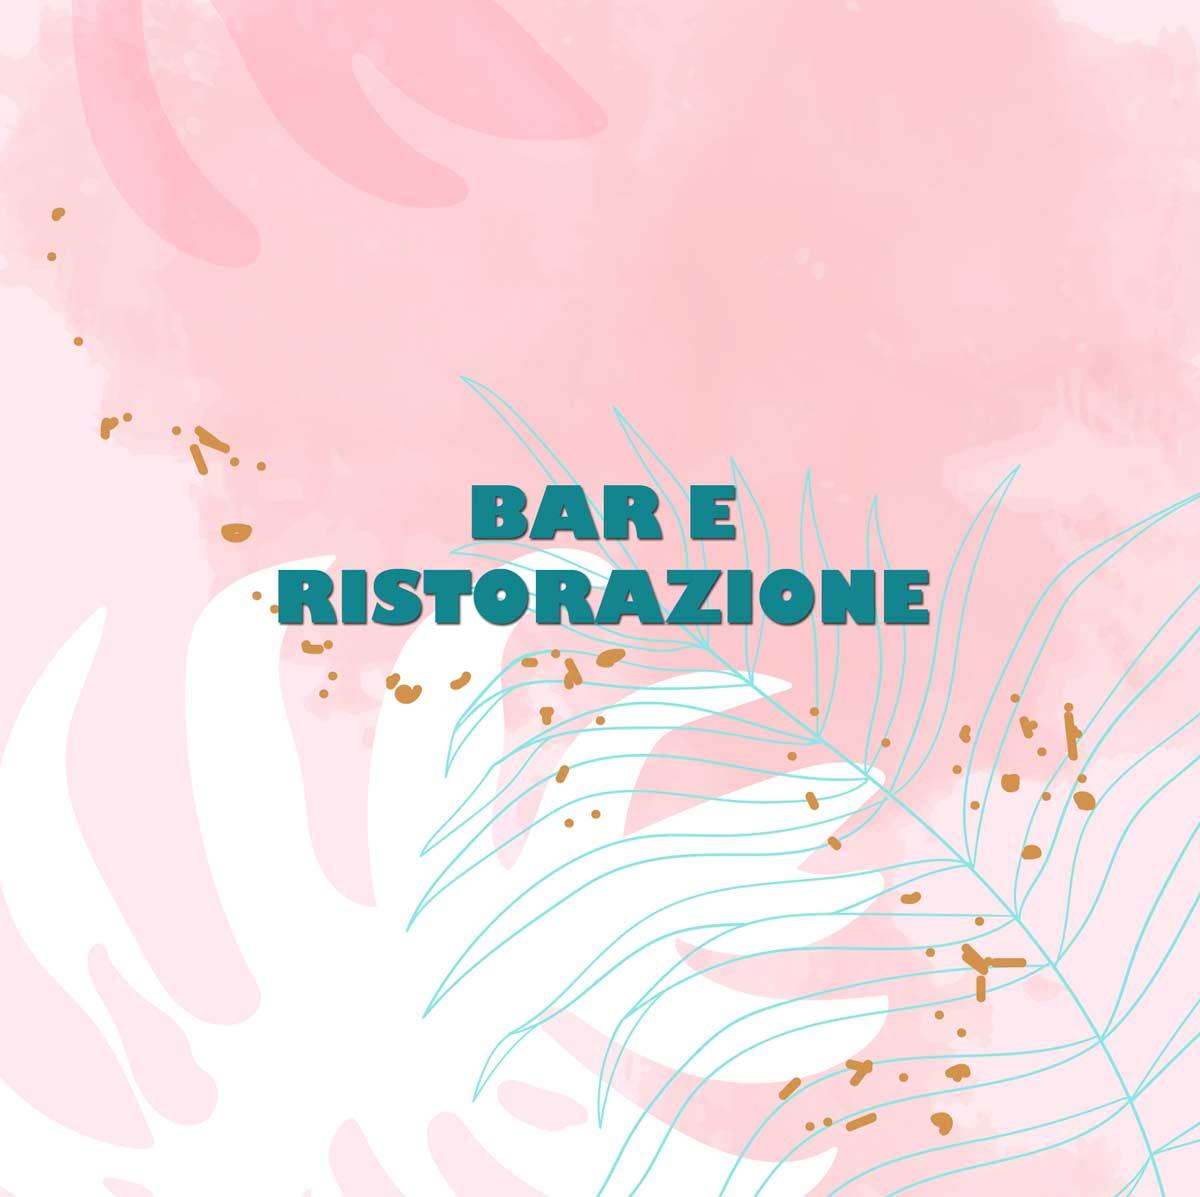 Bar e Ristorazione